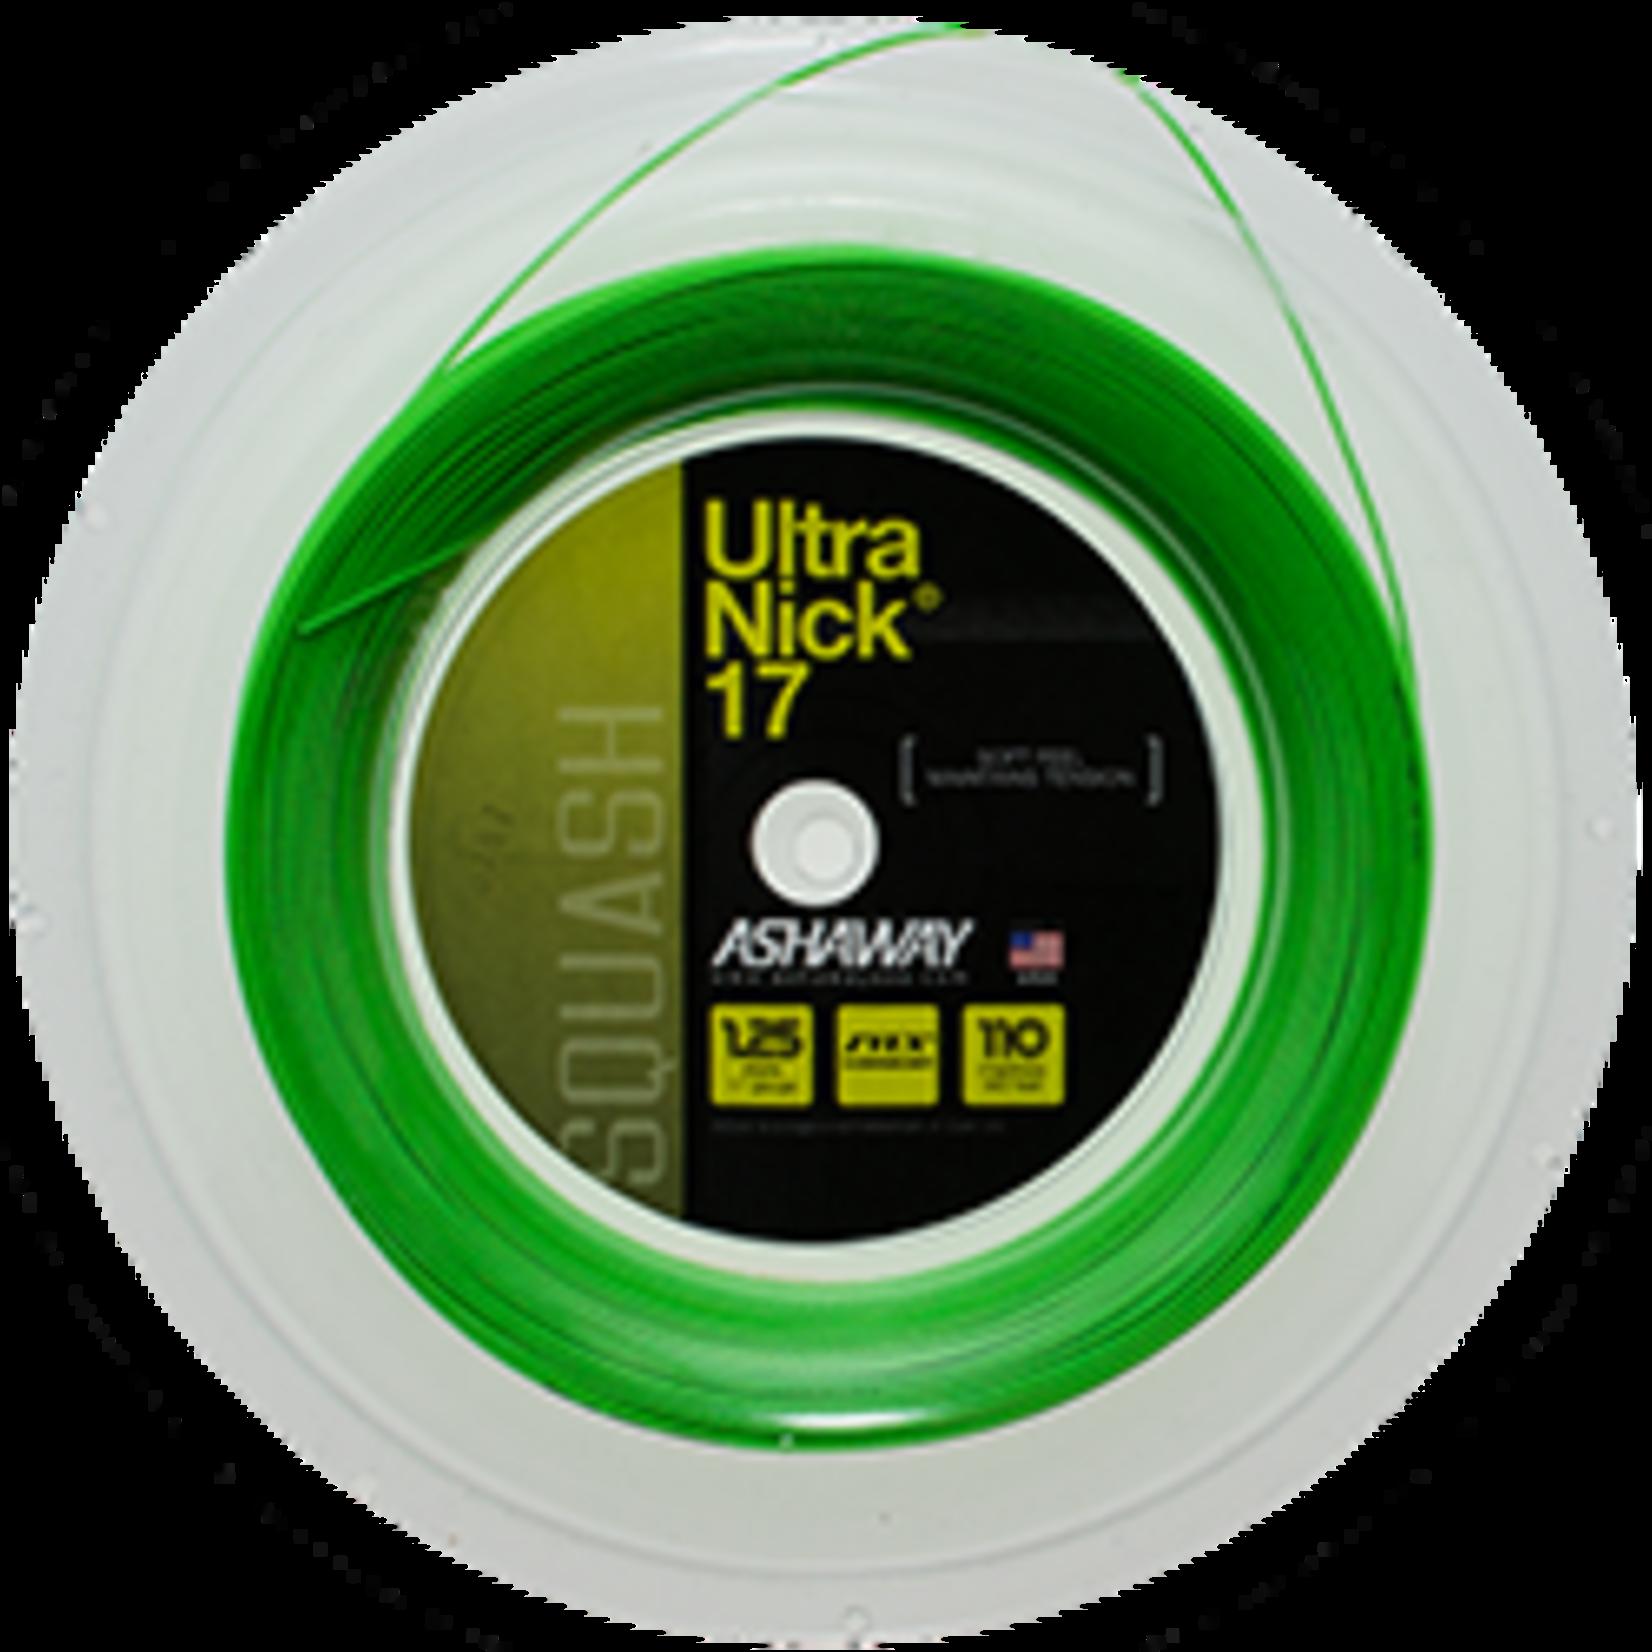 Ashaway UltraNick 17